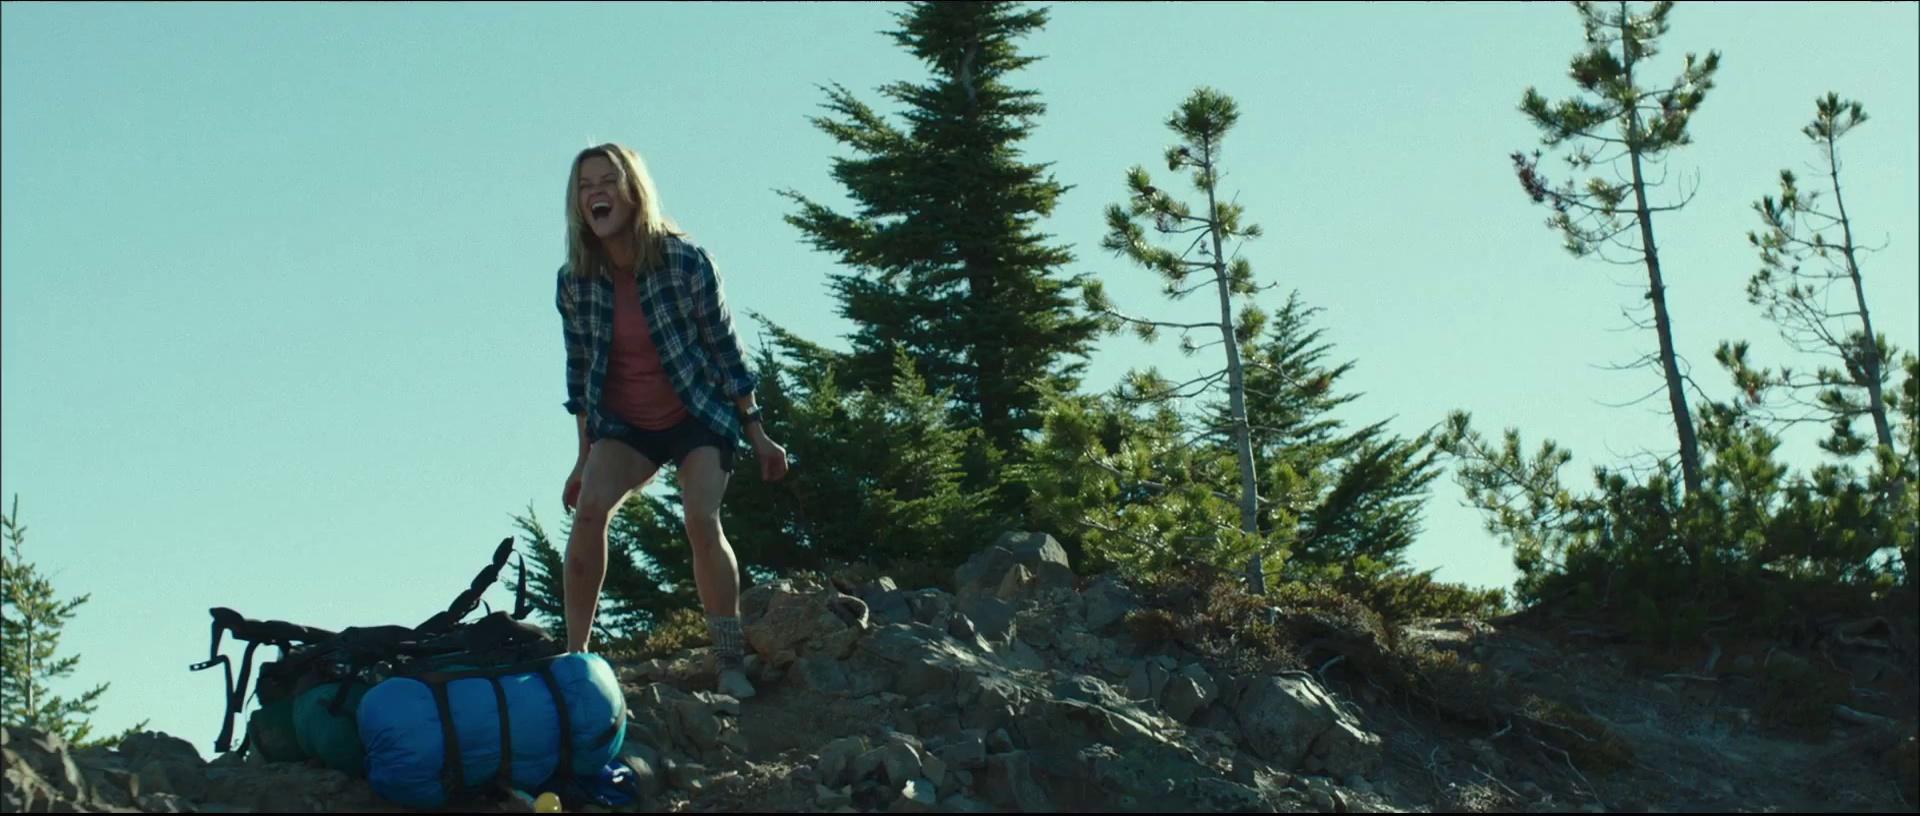 Cheryl hurlant sur un rocher.